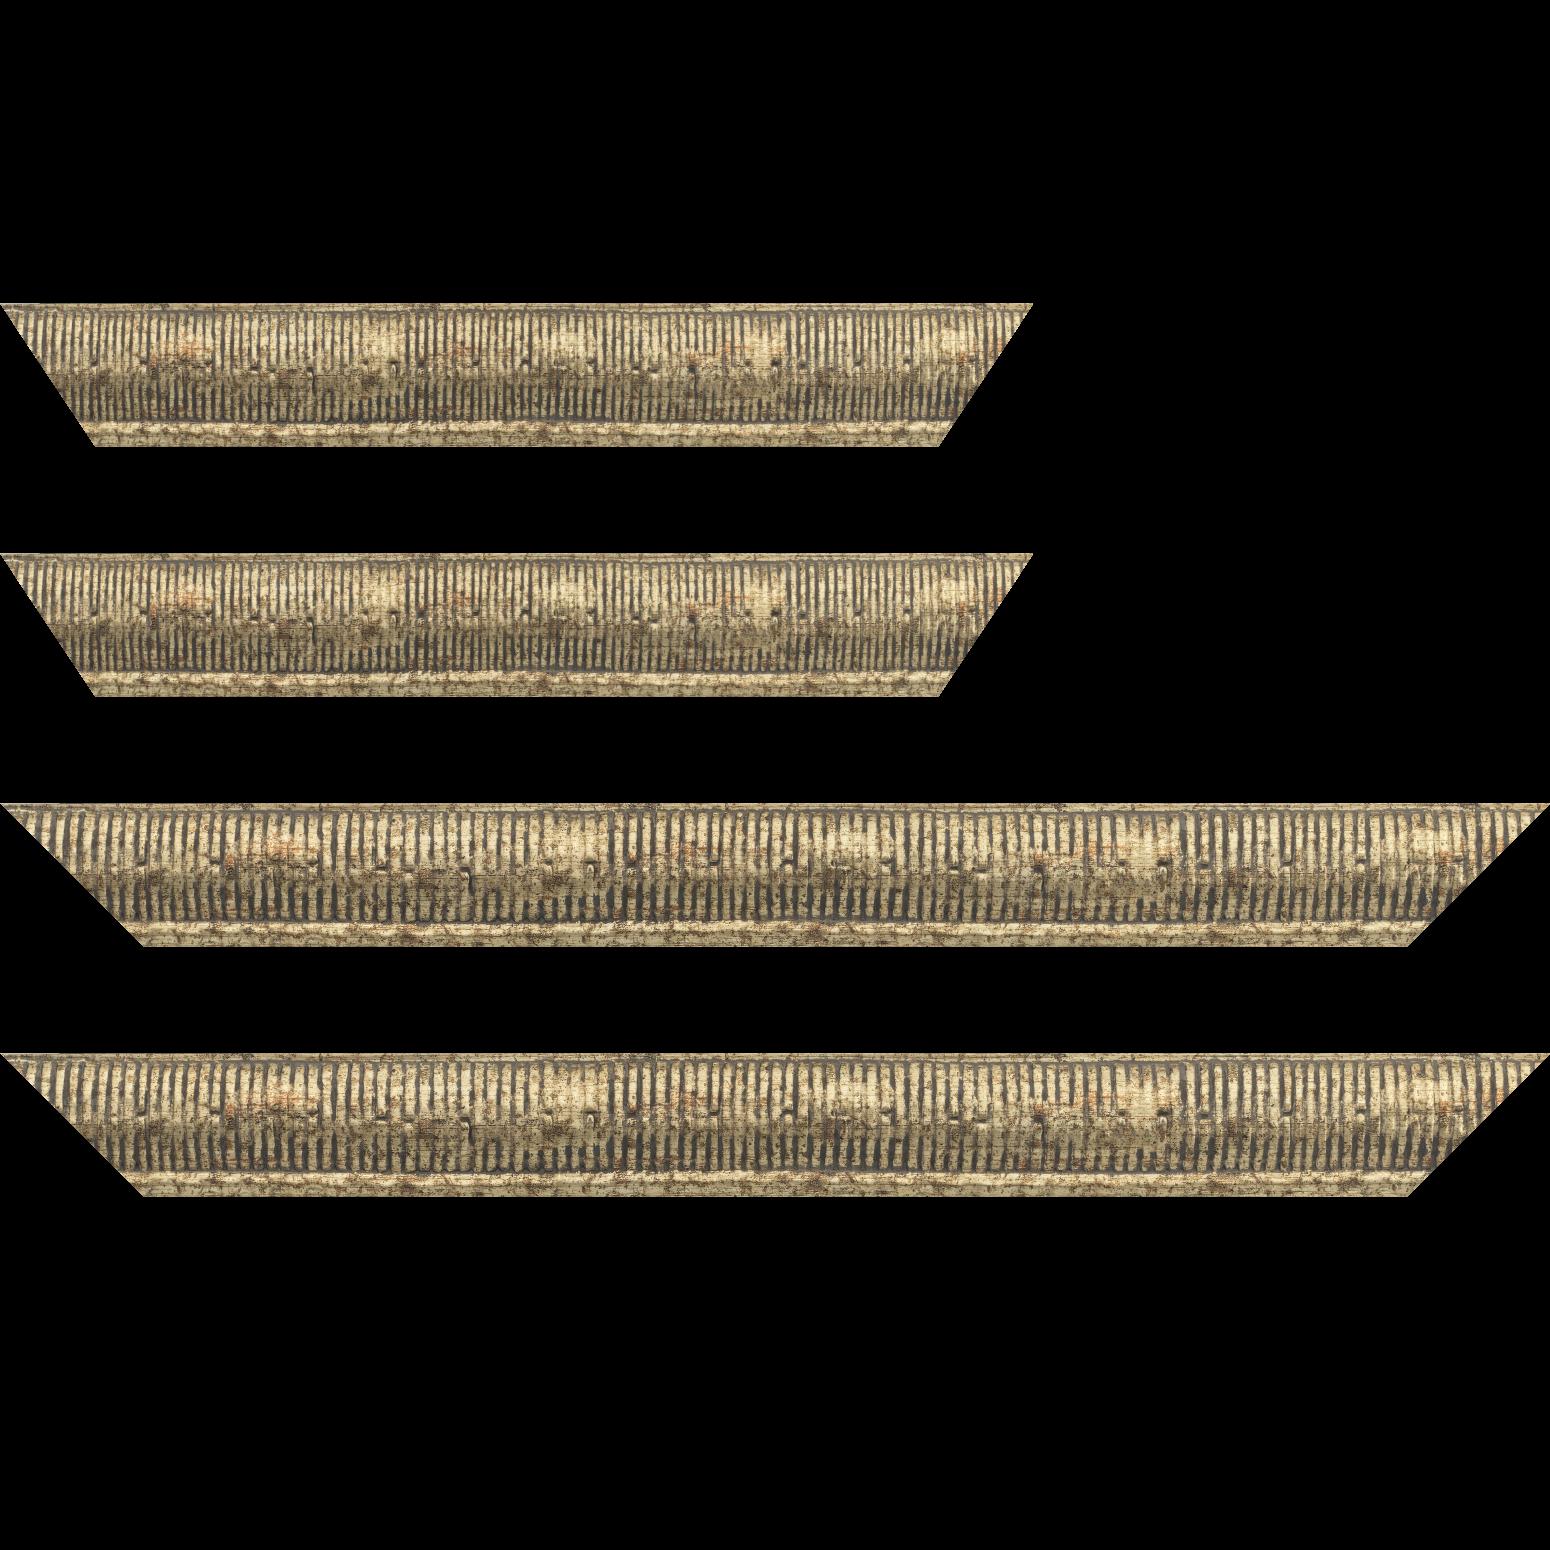 Baguette service précoupé bois profil arrondi largeur 4.8cm couleur or noirci décor bambou